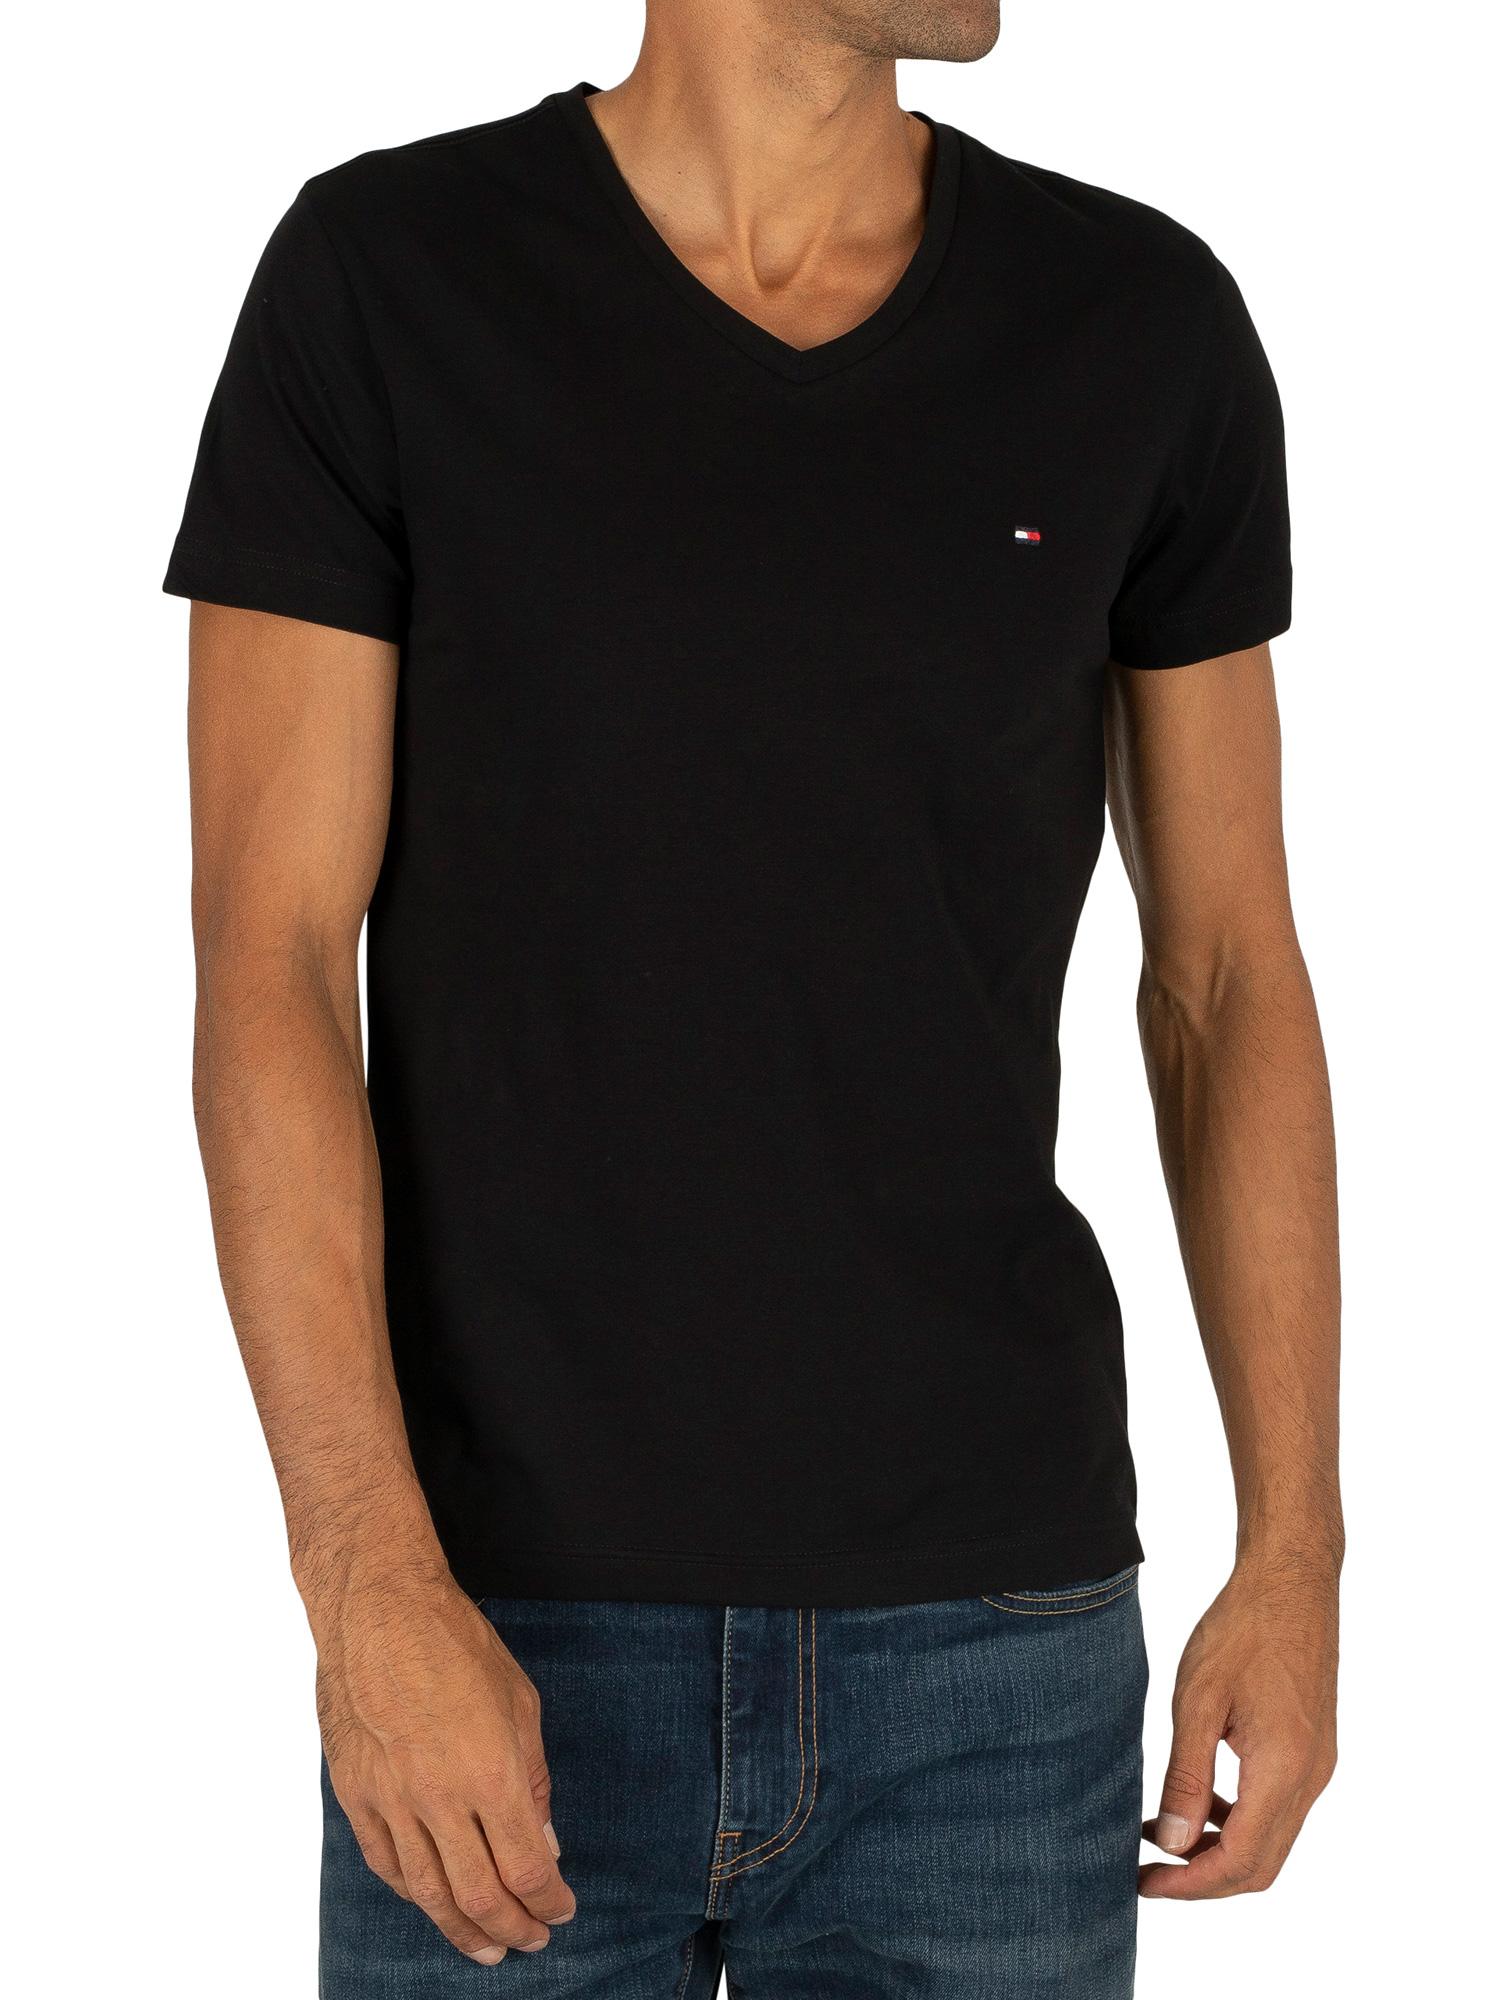 Tommy Hilfiger Herren Pullover V-Neck  gerader Schnitt Schwarz Premium Cotton